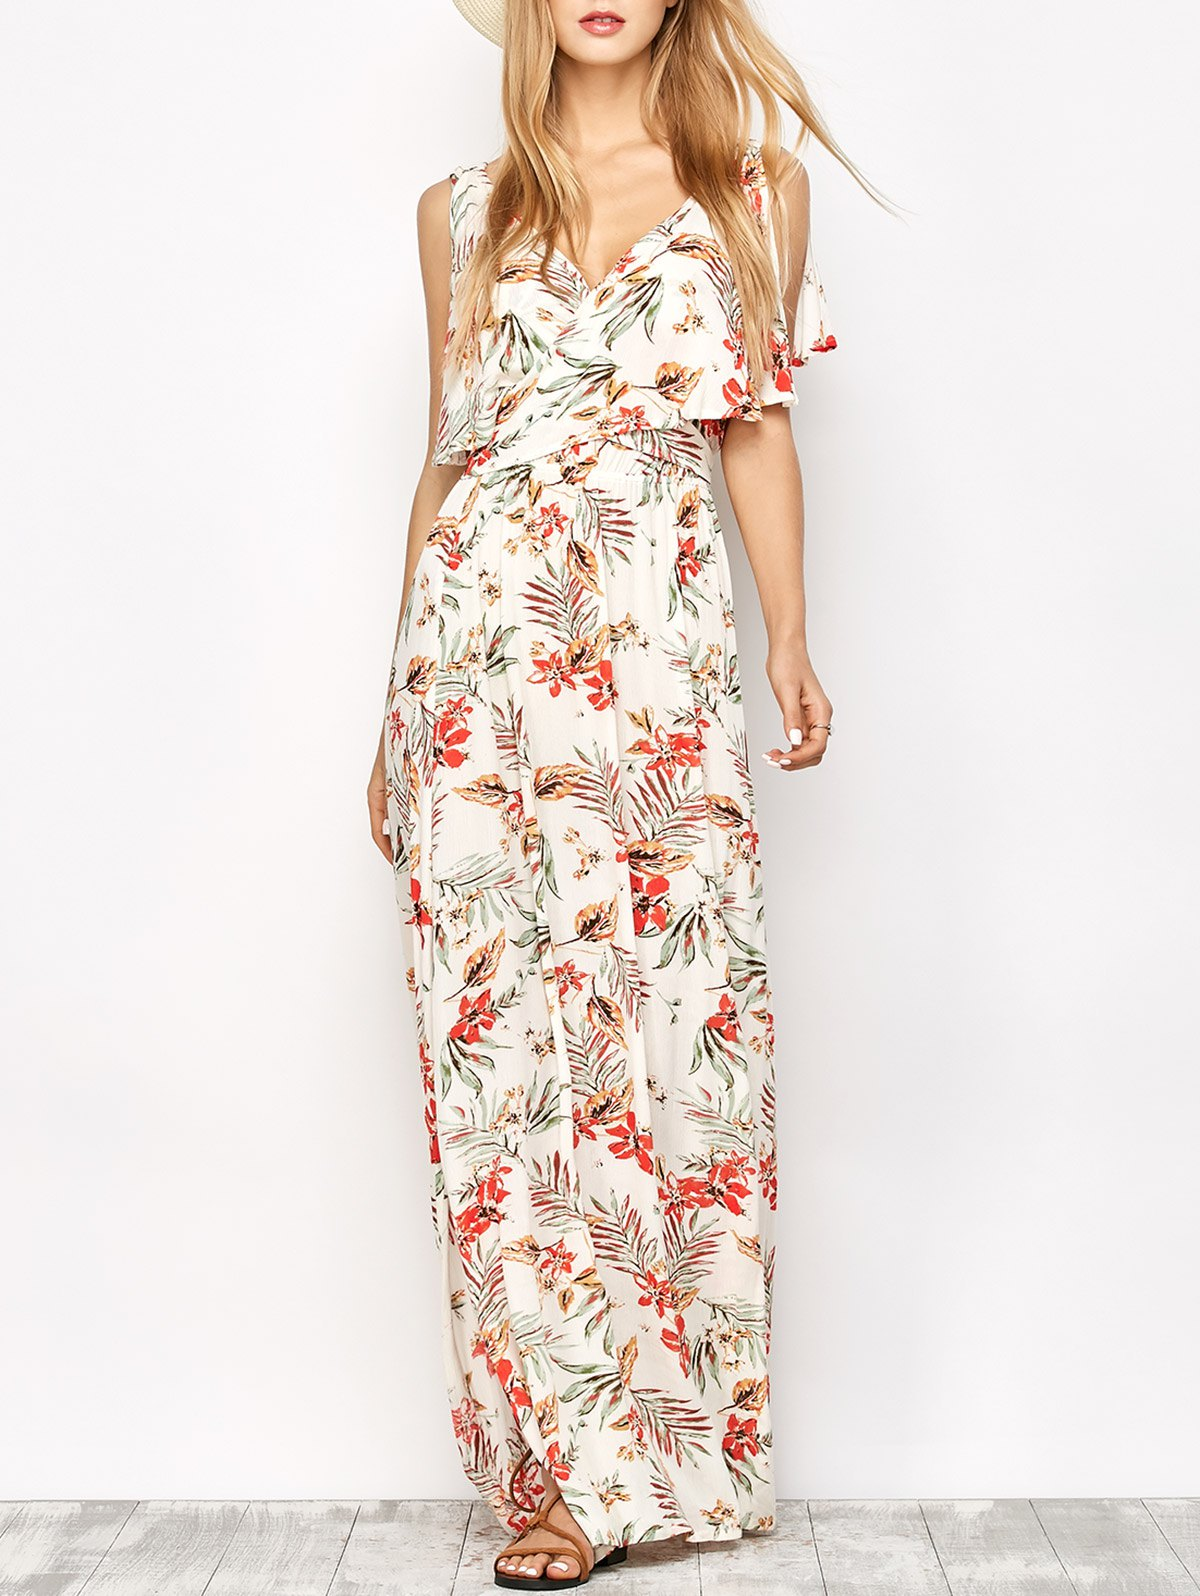 Floral Print Maxi Dress